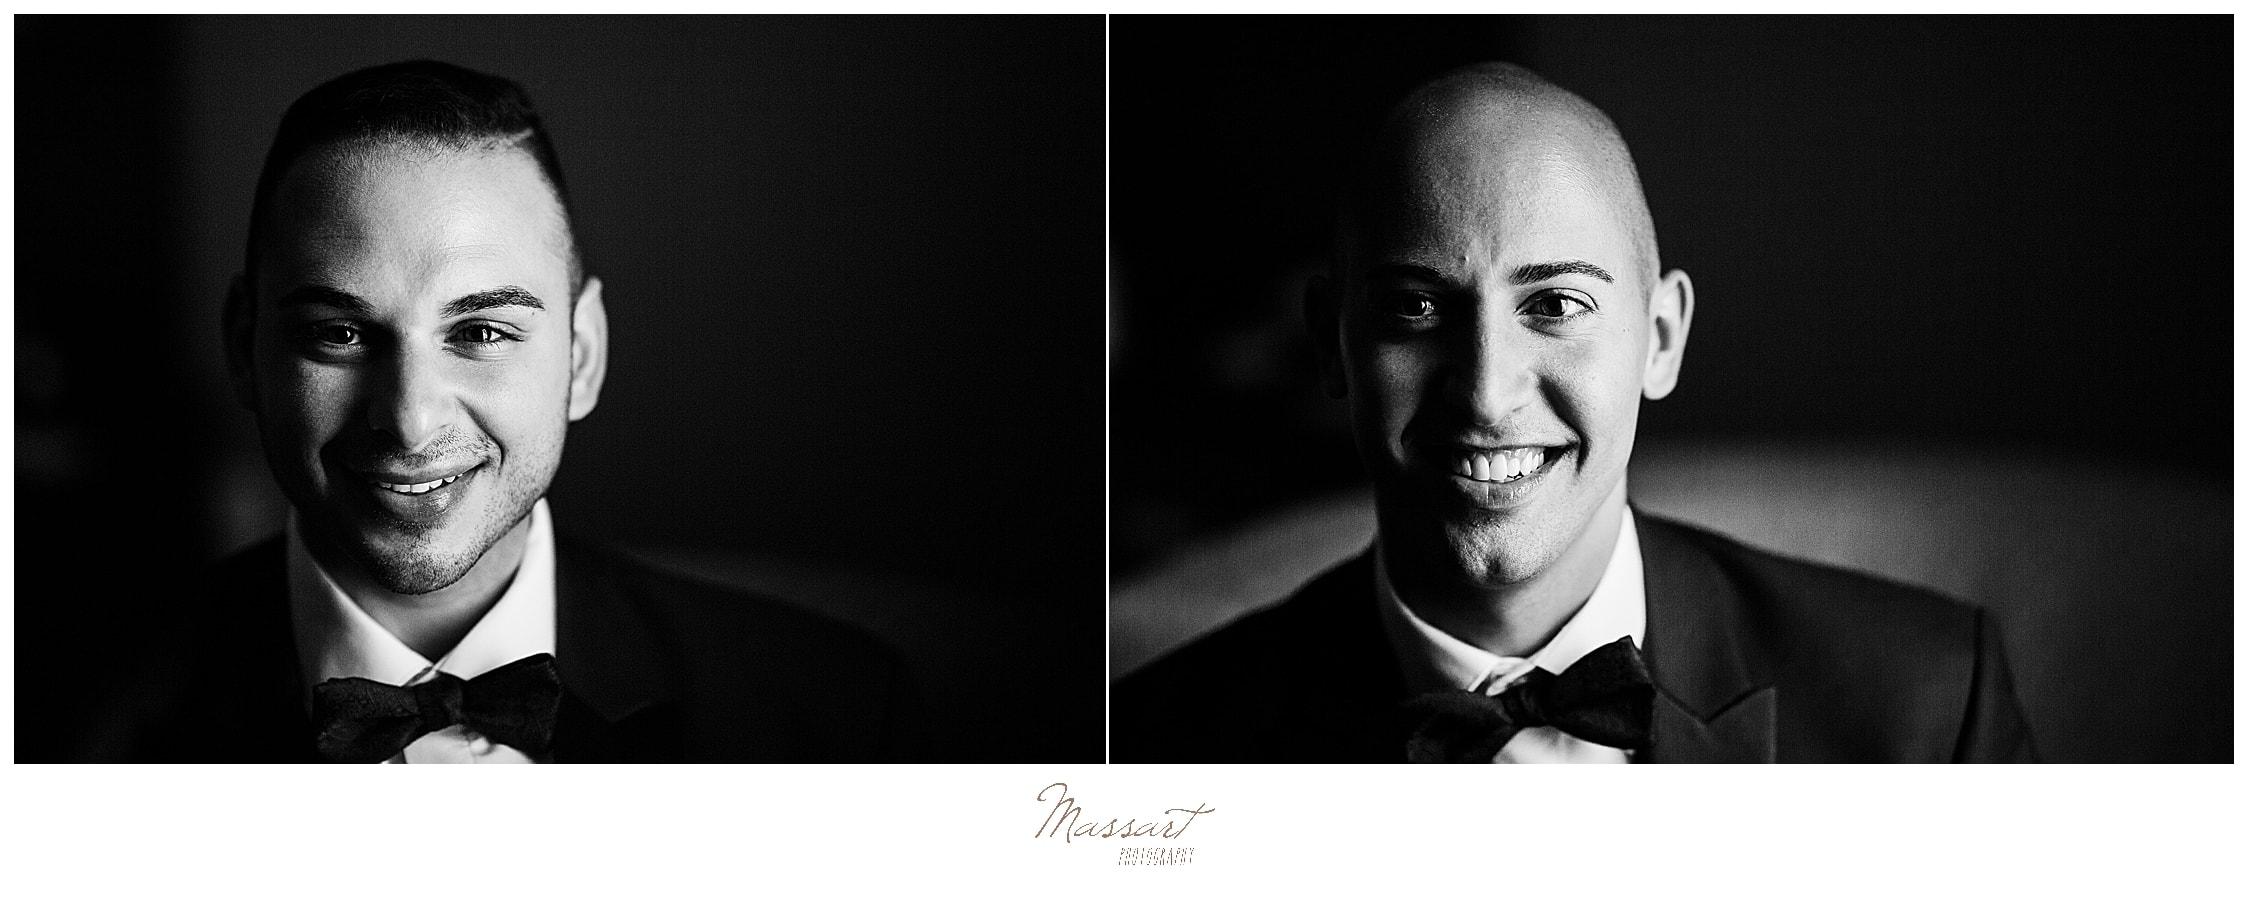 CT wedding photographers Massart Photography capture Palace Theater wedding